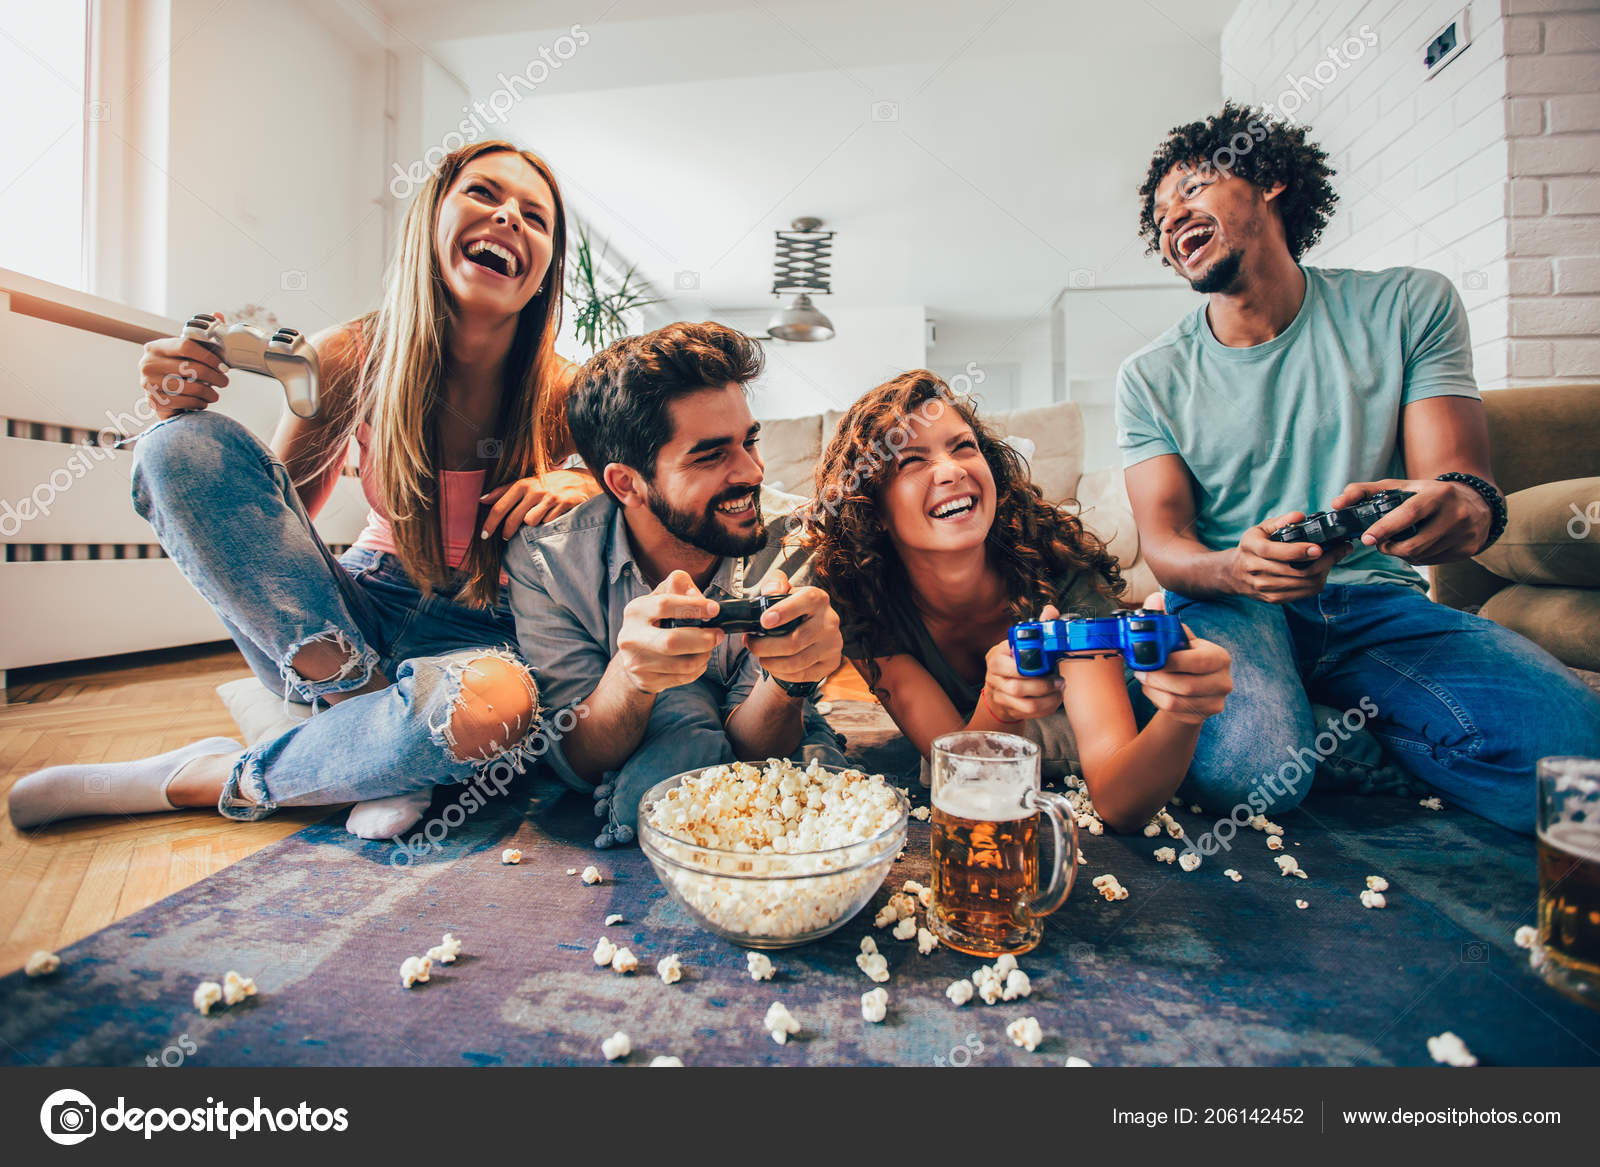 Grupo Amigos Juegan Juegos Video Casa Divertirse Foto De Stock